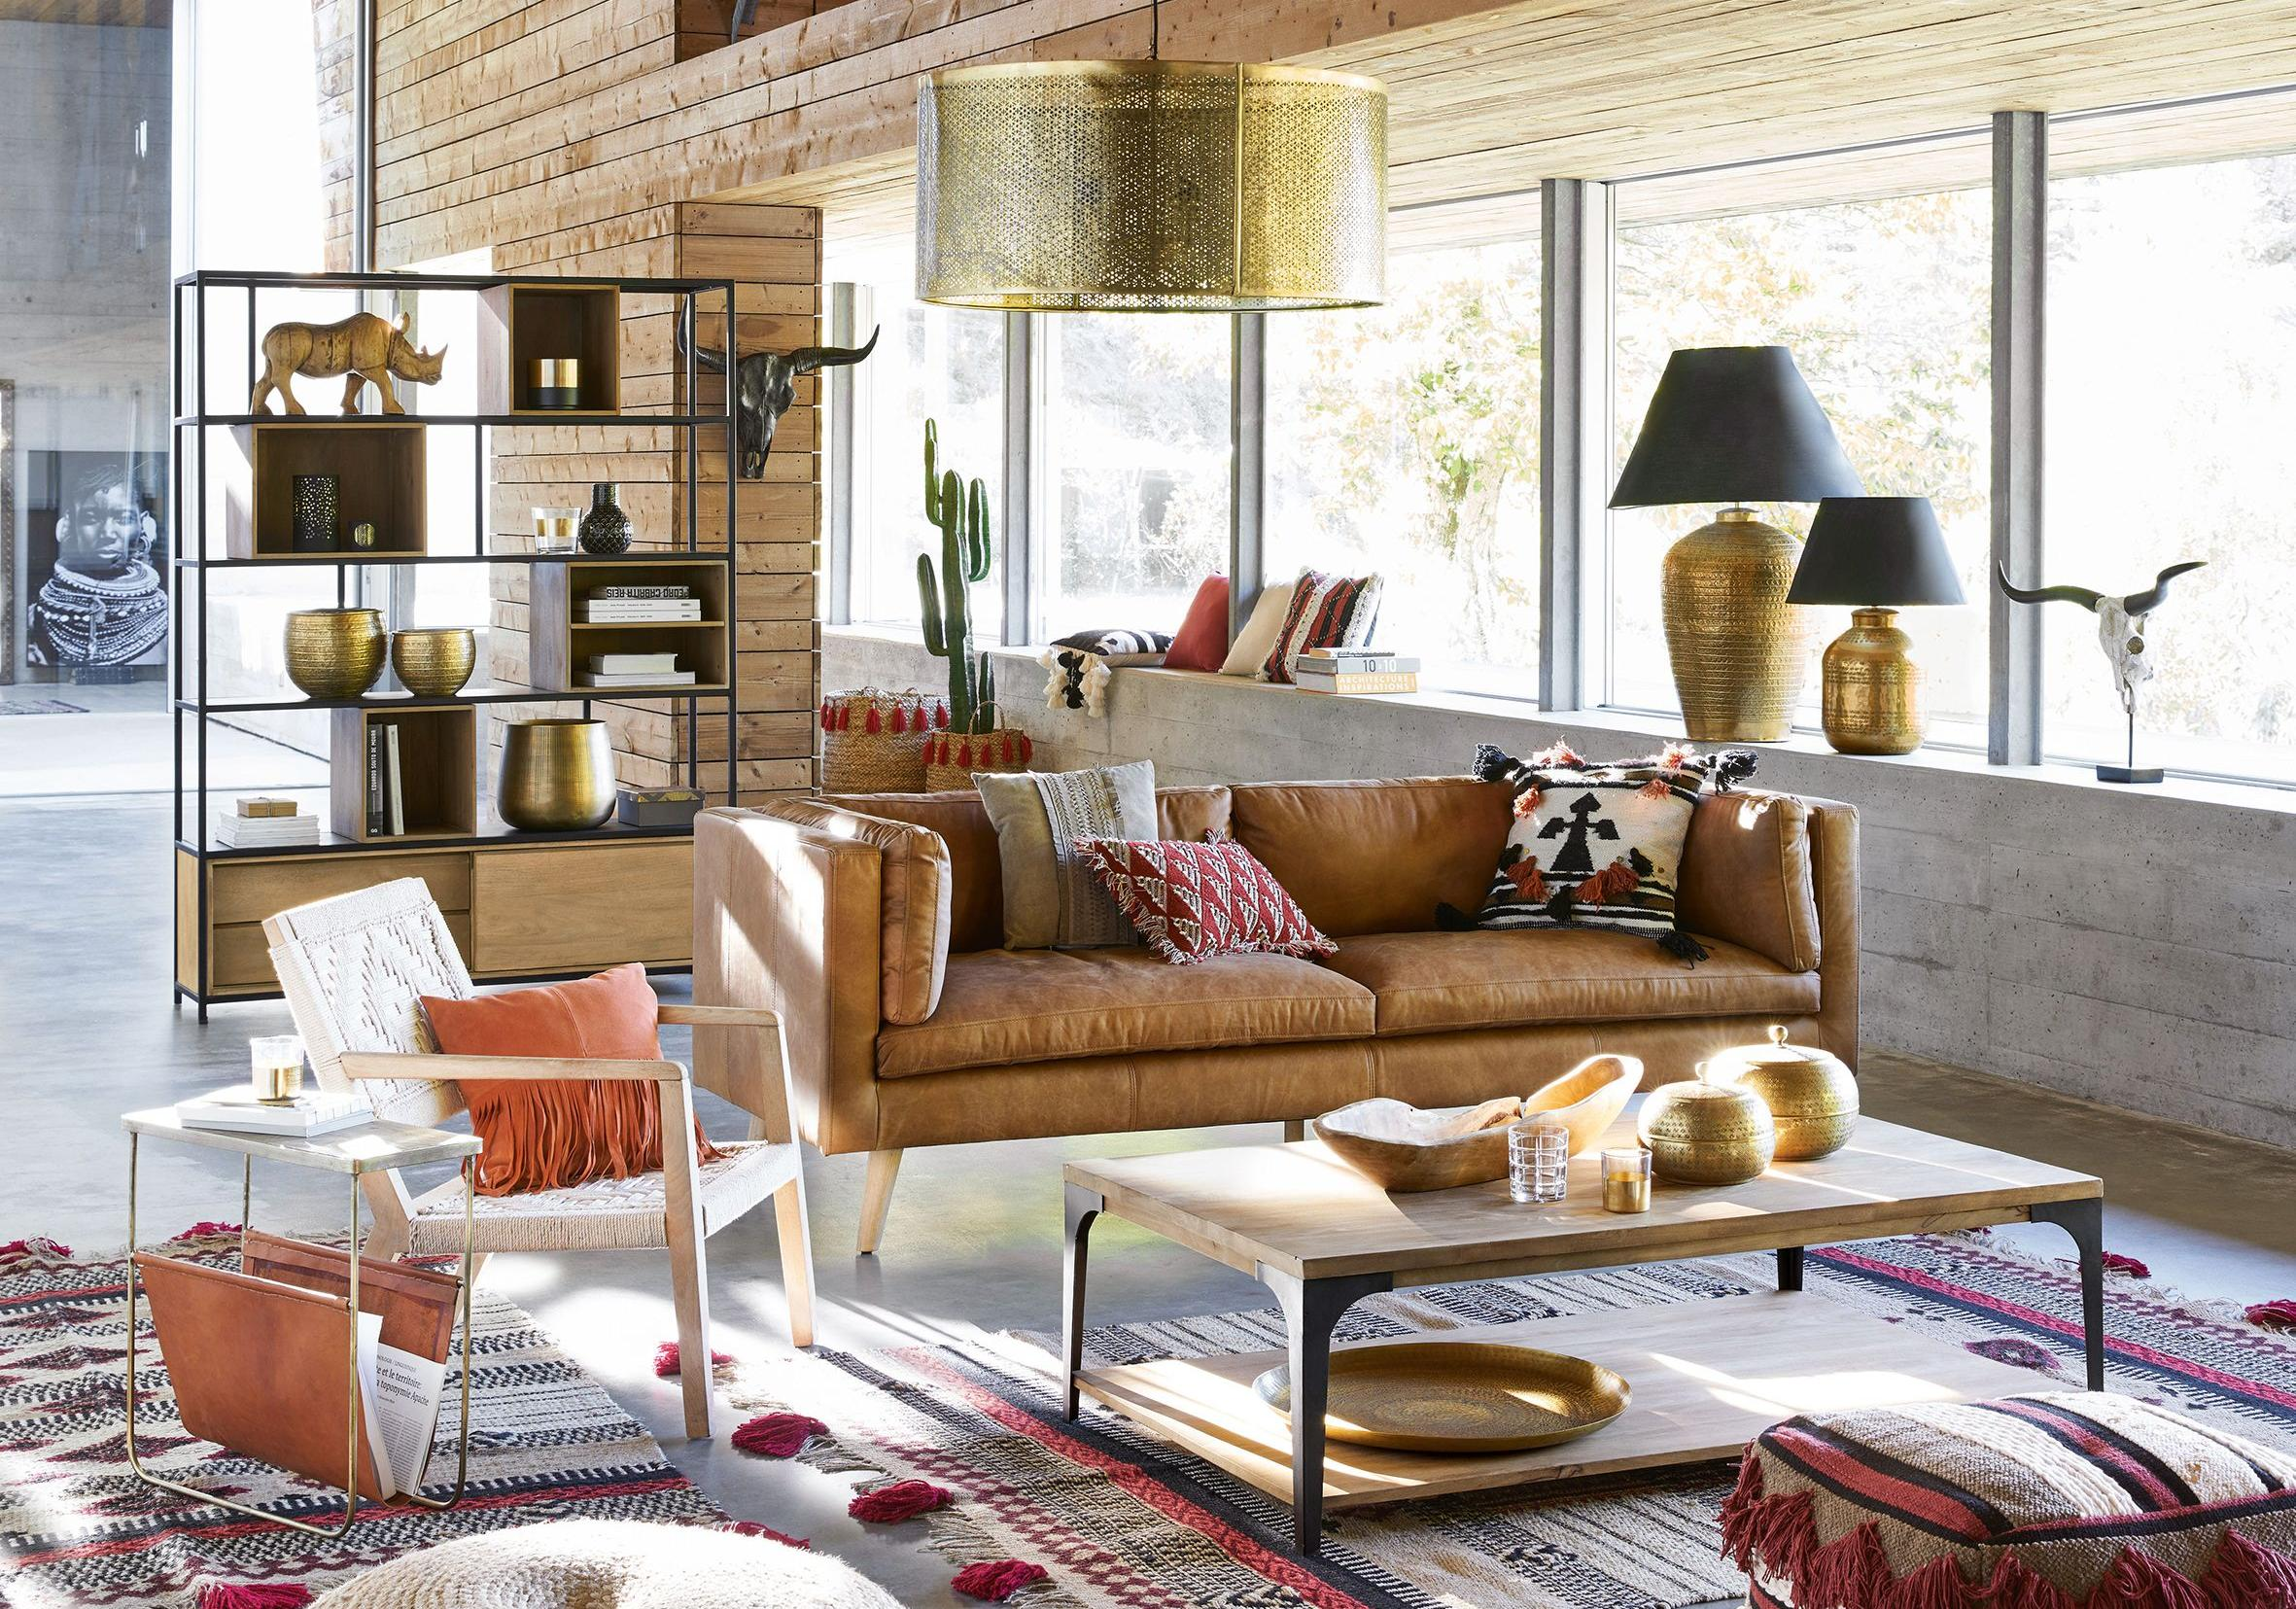 Comment Nettoyer Un Canapé En Cuir Gris Clair savez-vous pourquoi ce canapé est partout sur instagram